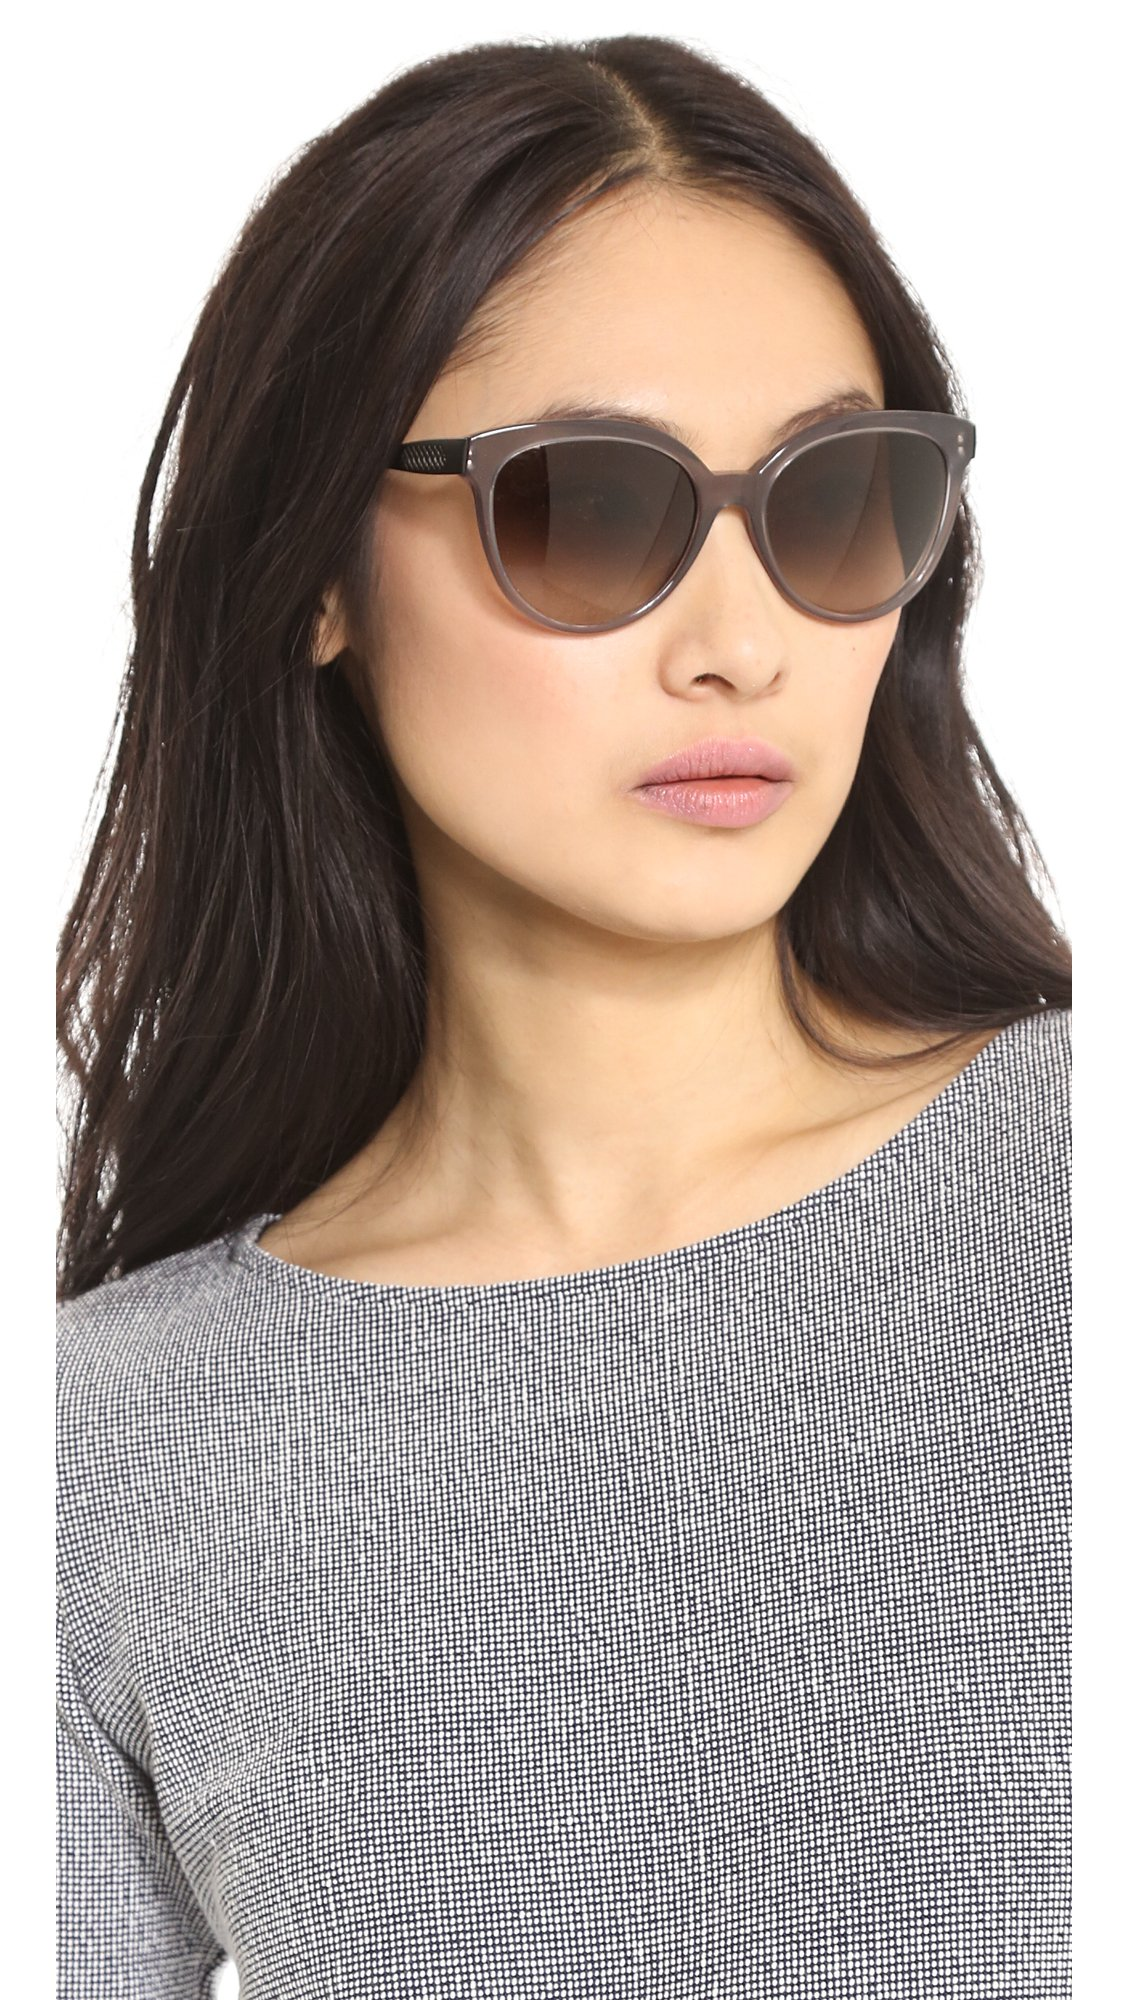 29b06d22c1 Bottega Veneta Cat Eye Sunglasses - Light Brown Brown Gradient in ...